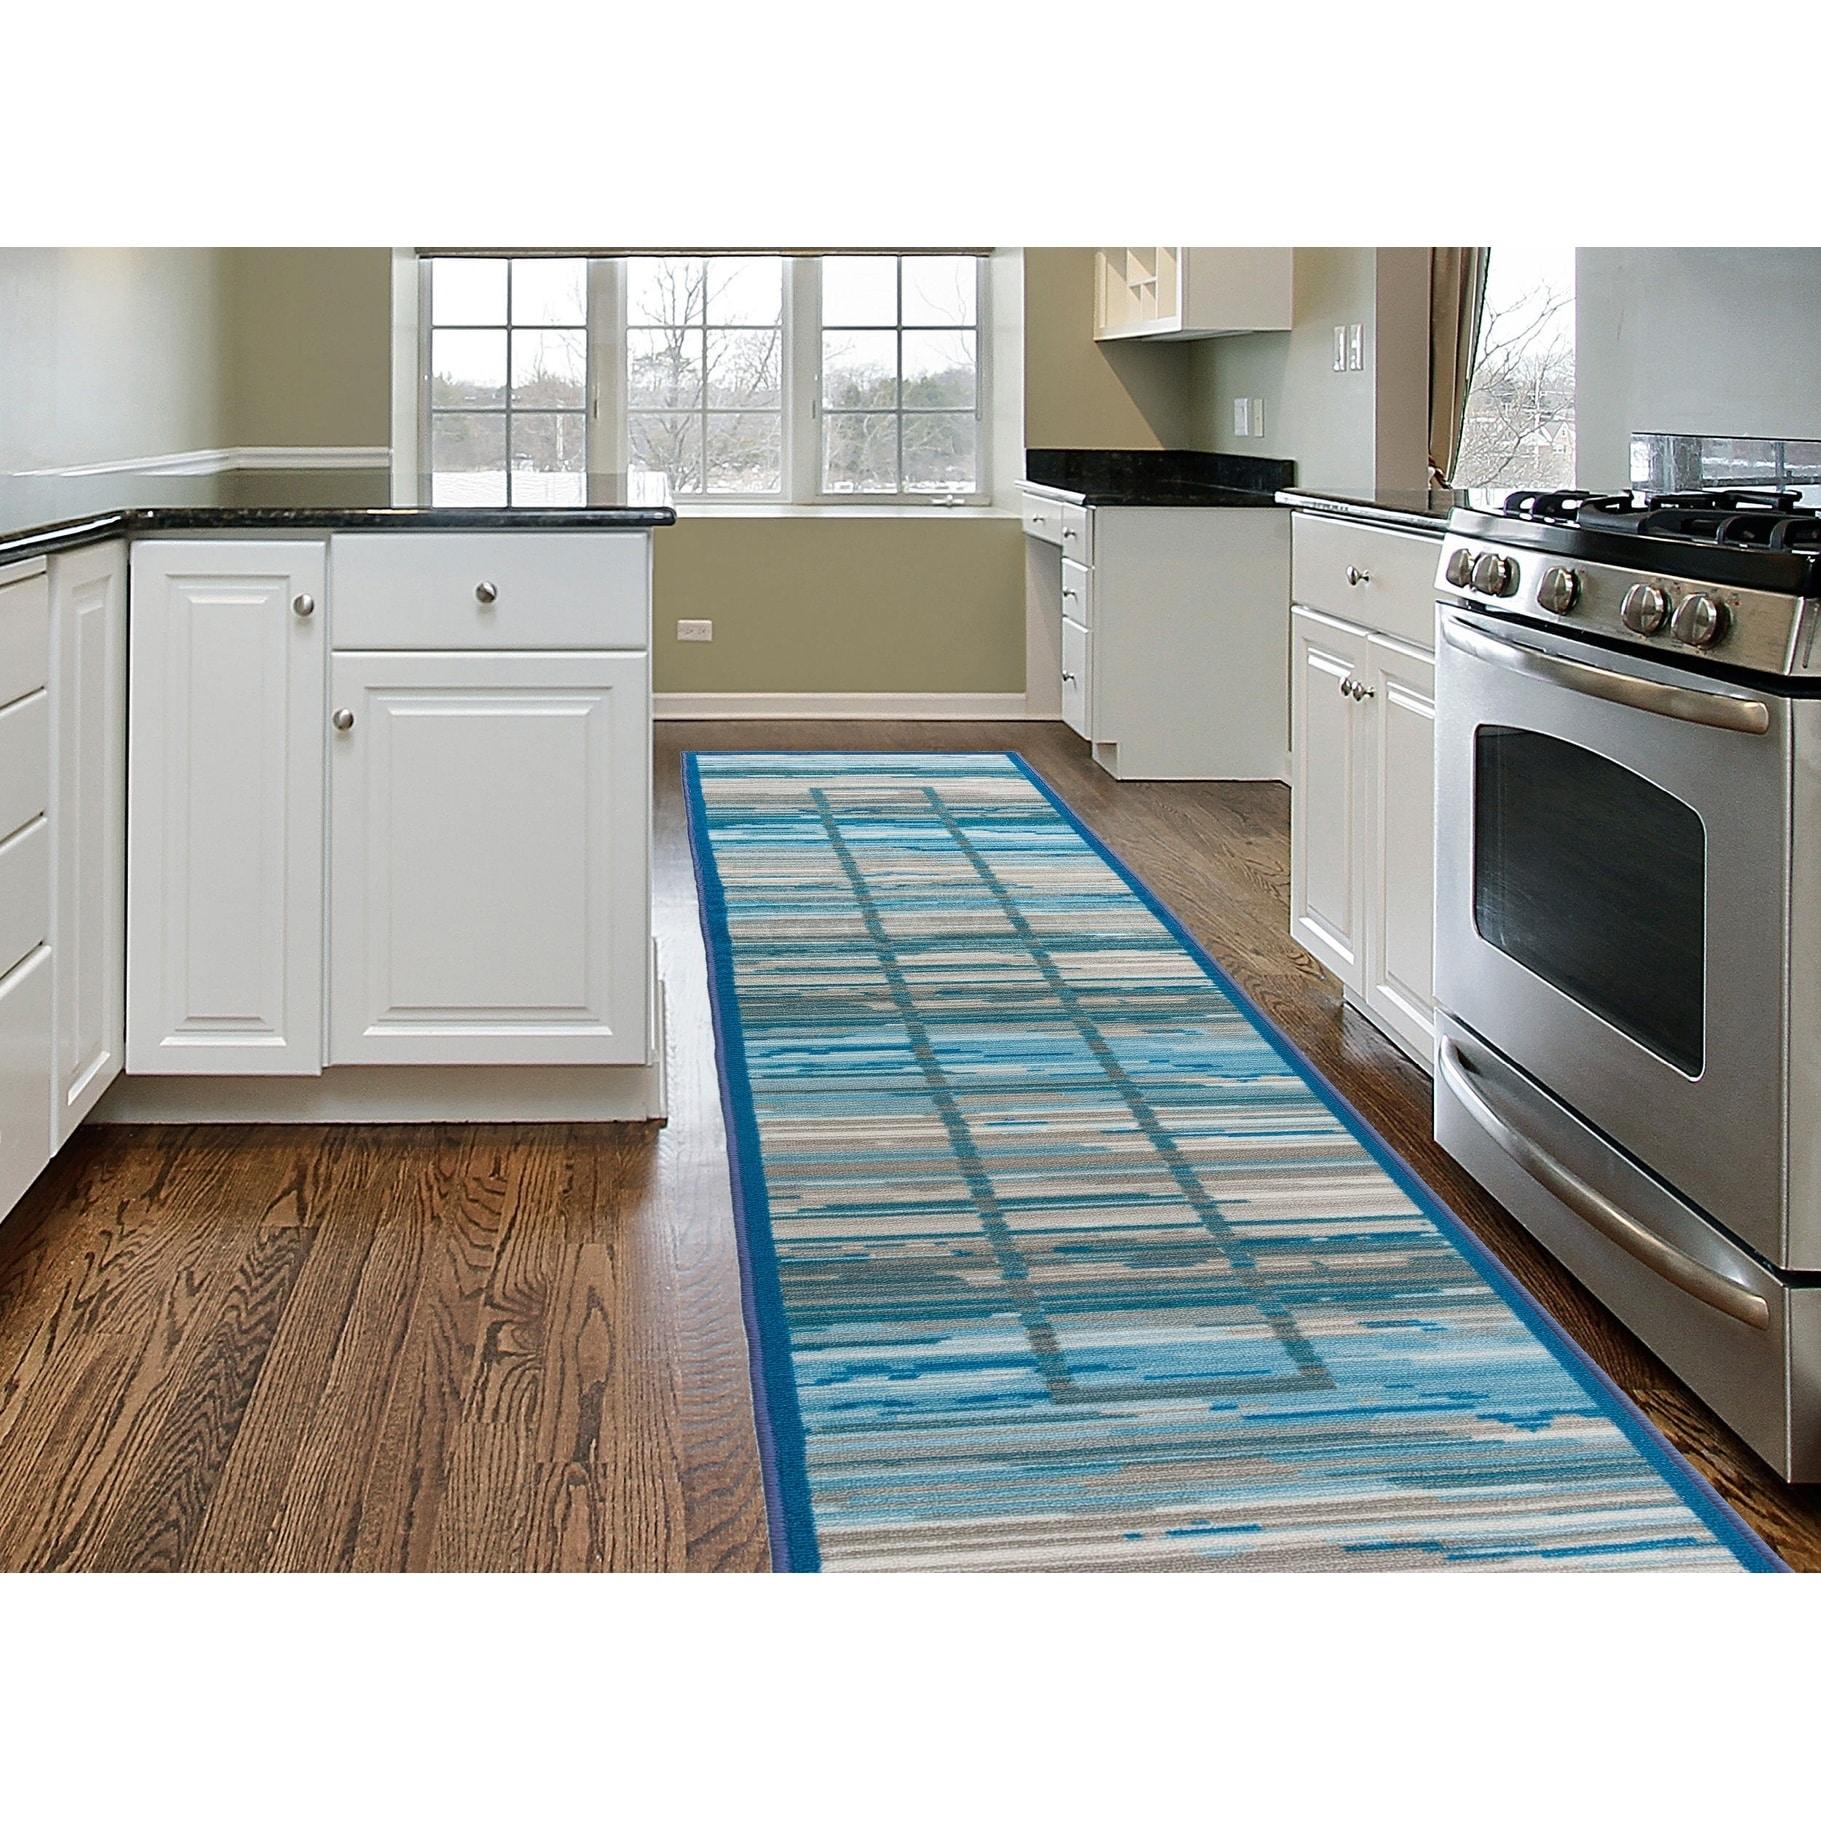 Shop Contemporary Striped Boxes Design Non-Slip Gray Runner Rug - 1 ...